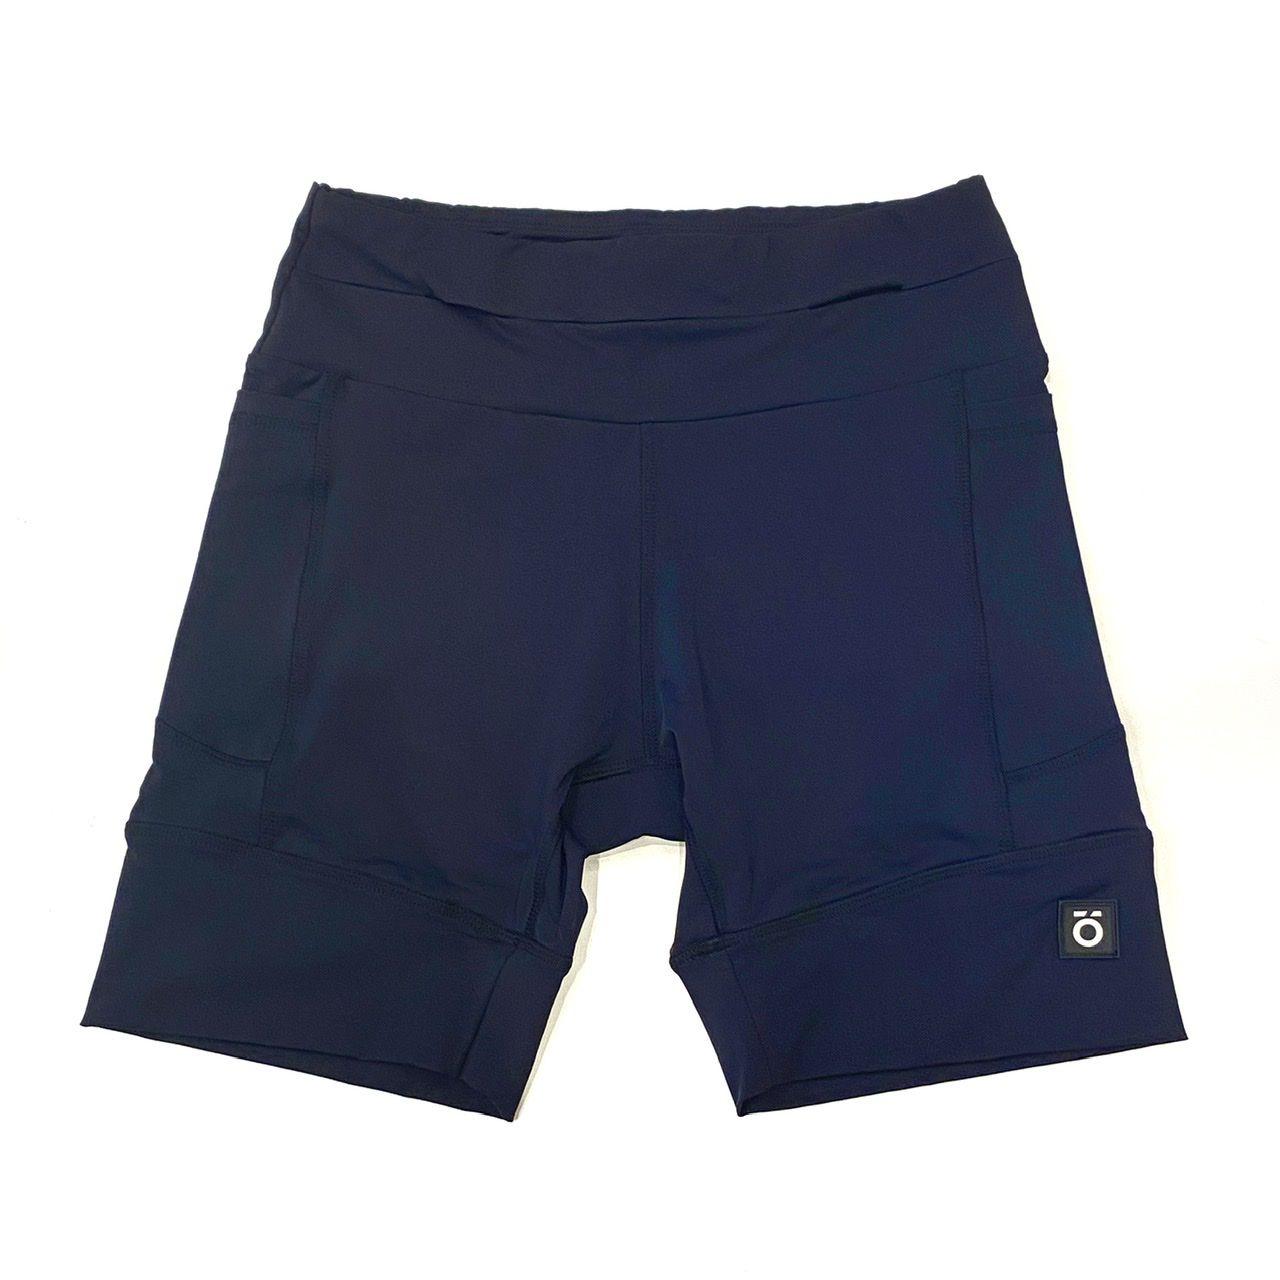 Bermuda de compressão masculina - unissex 1500 bolsos em sportiva azul marinho  - Vivian Bógus